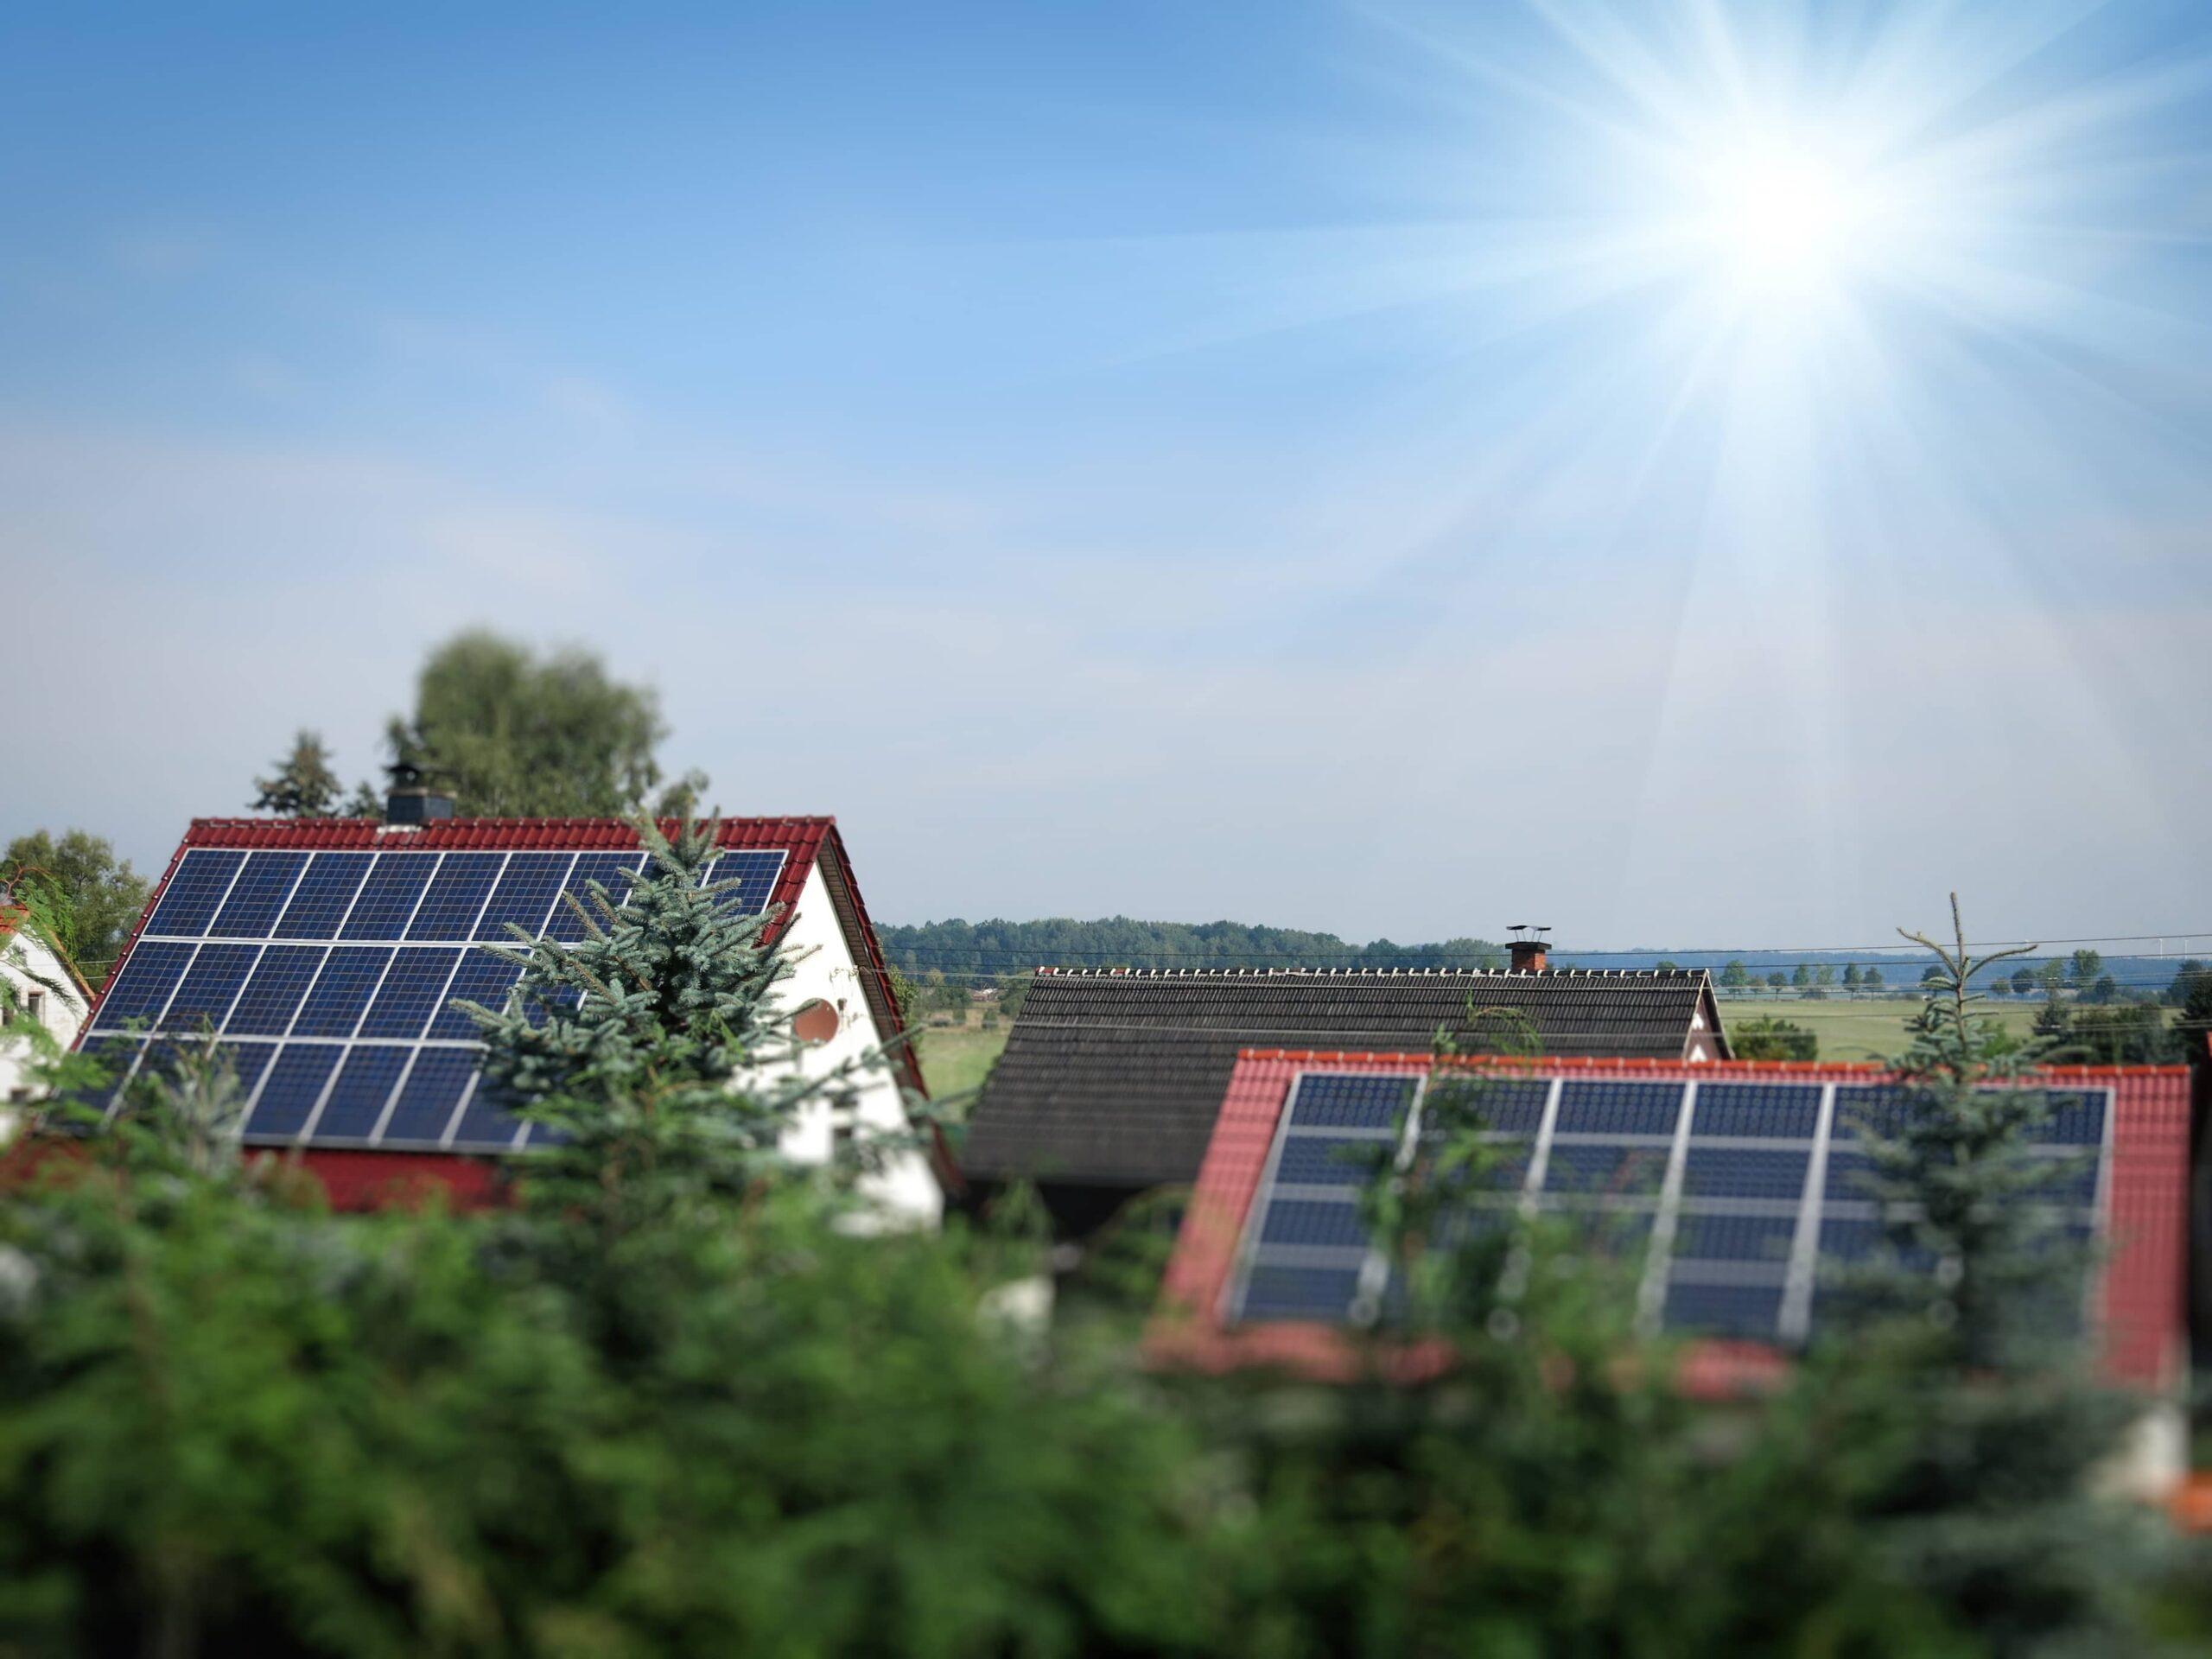 panneaux solaires sur toits de maisons en Wallonie